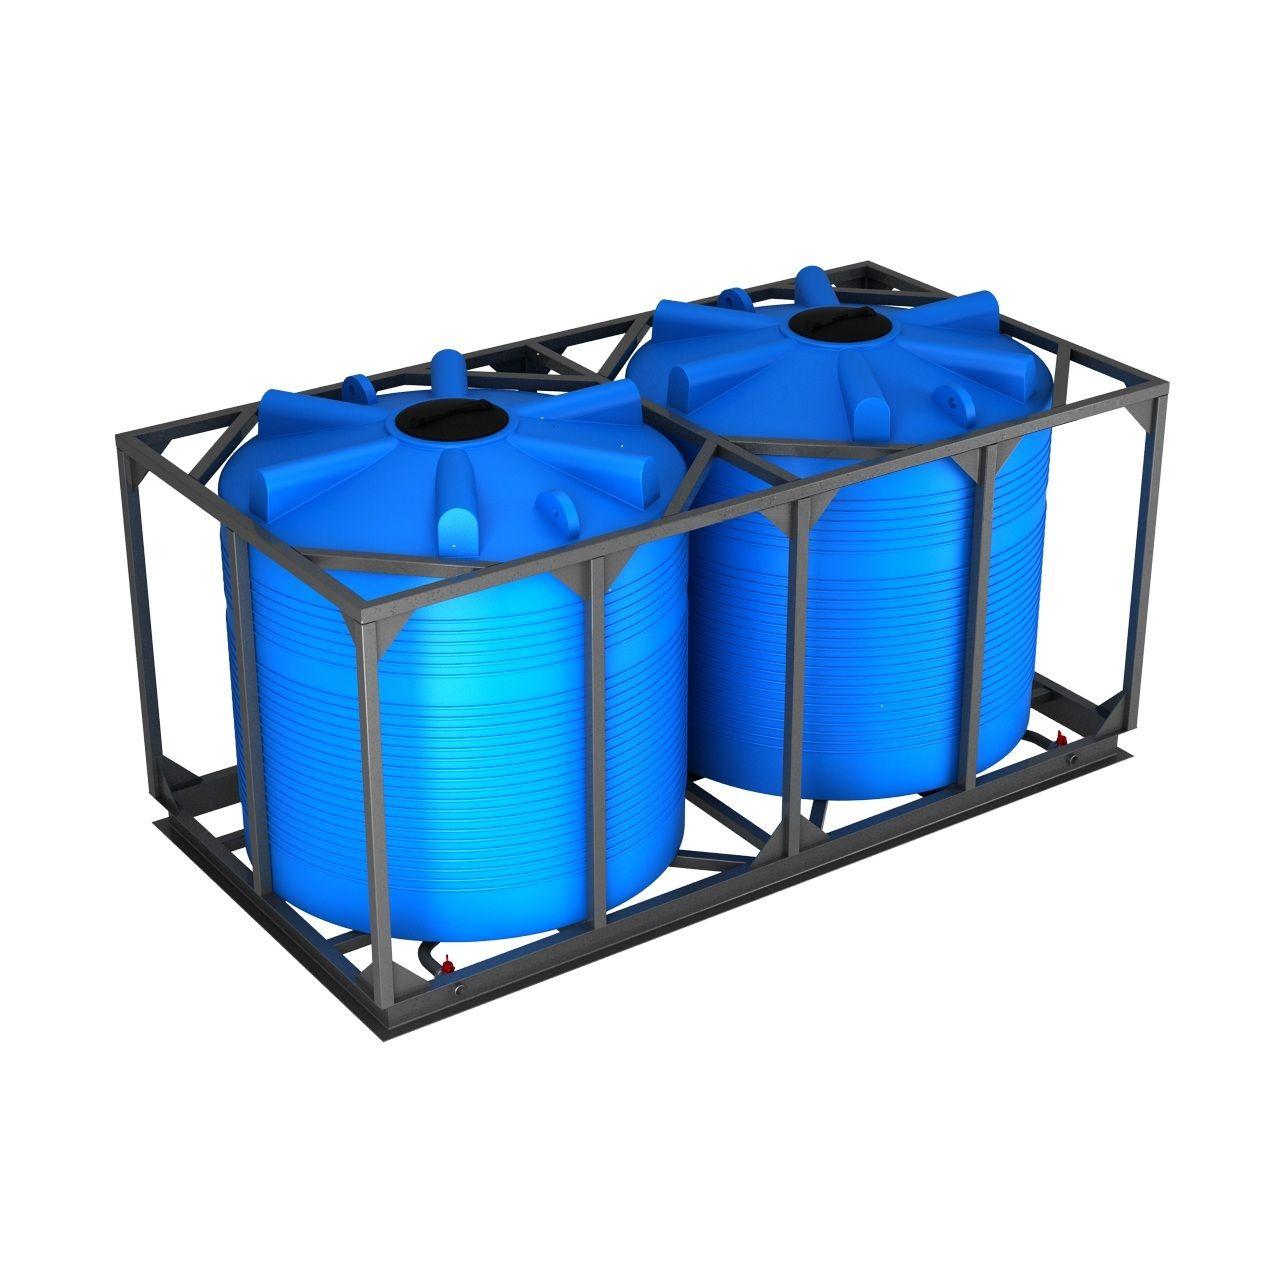 Кассета стандартная ЭВЛ 5000/115 синий х 2 шт